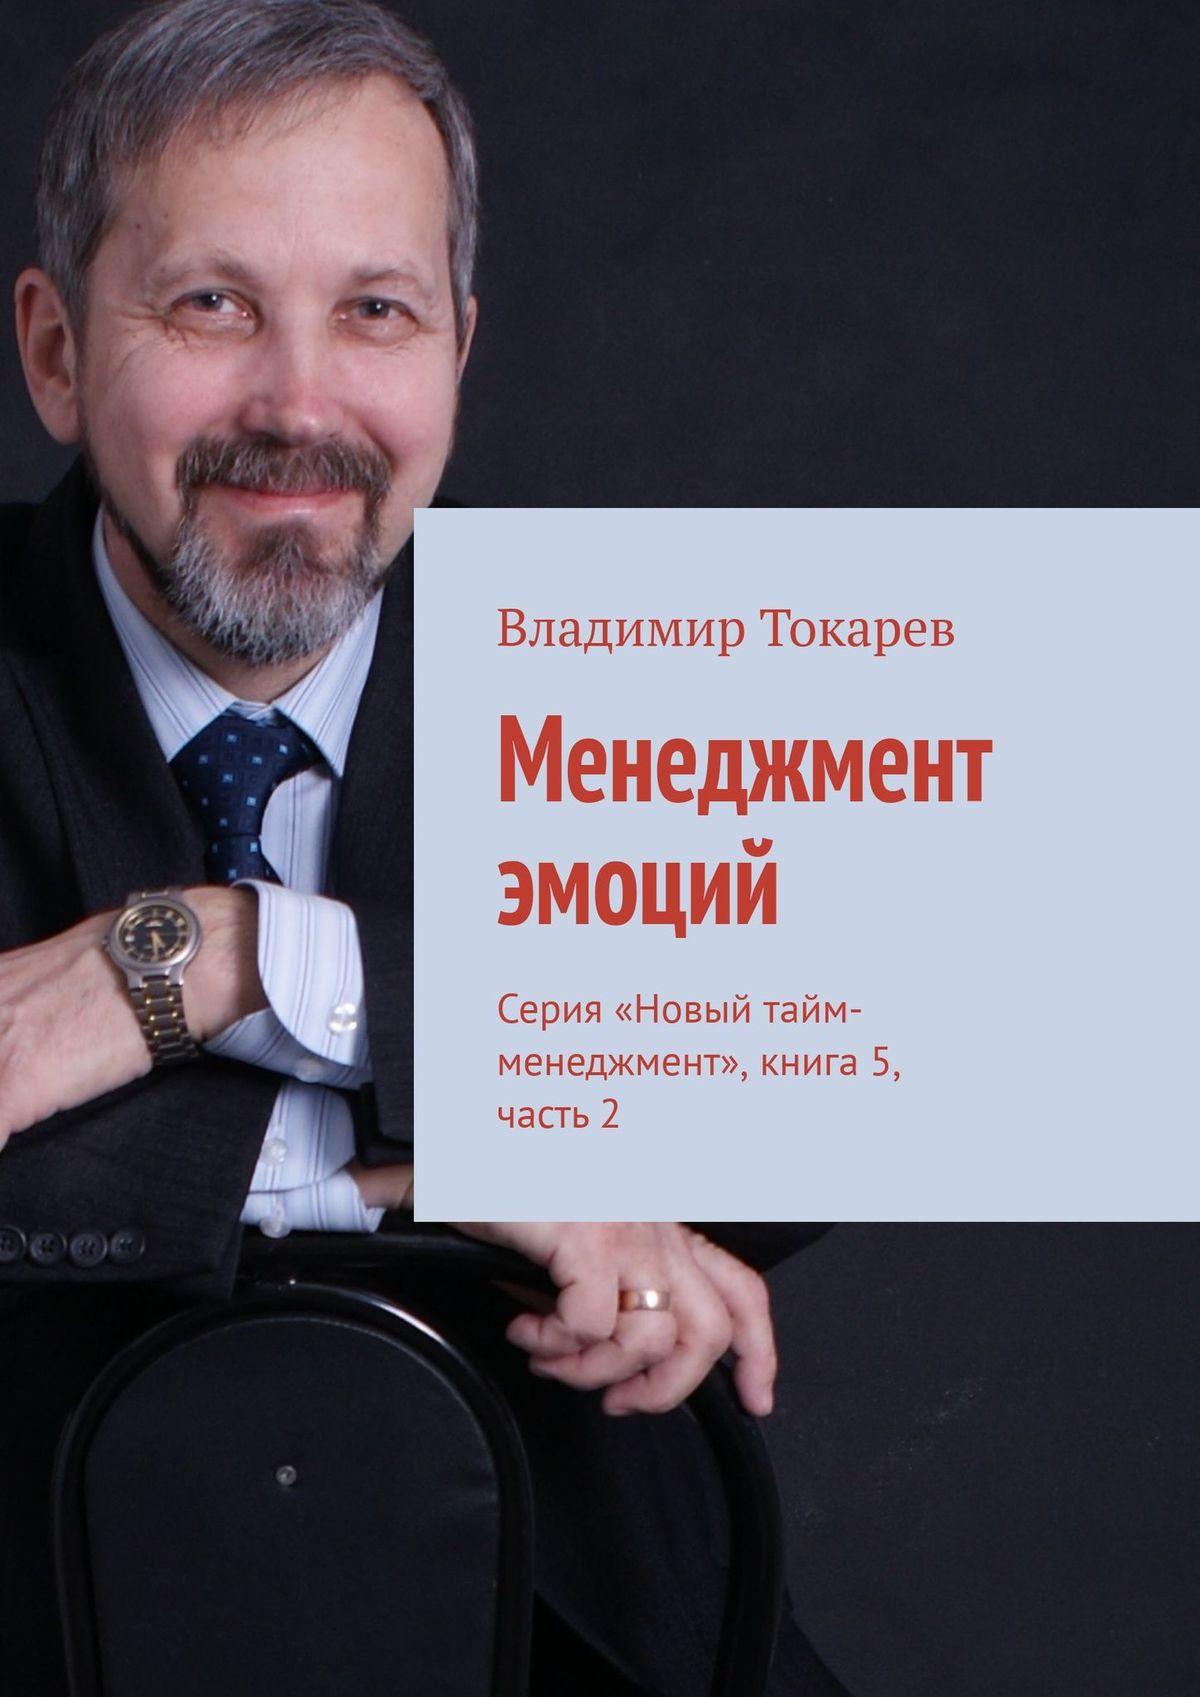 Владимир Токарев Менеджмент эмоций. Серия «Новый тайм-менеджмент», книга 5, часть 2